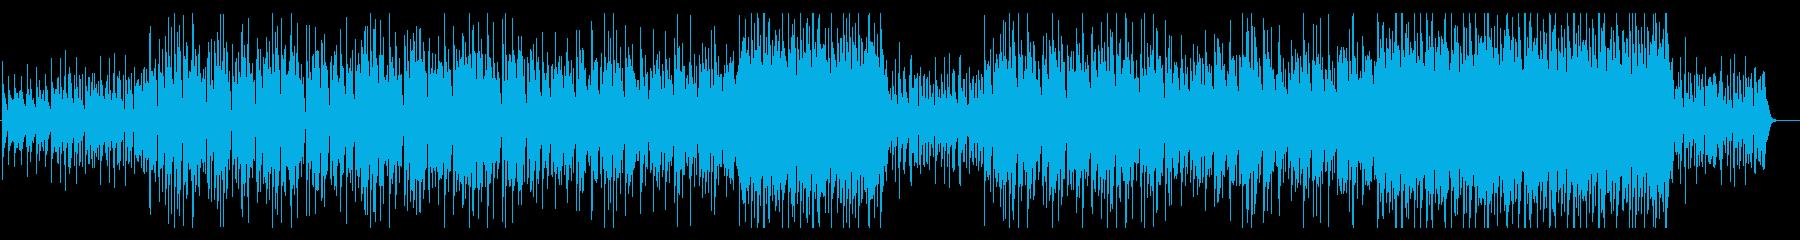 和風味の琴がメロディを奏でるロックBGMの再生済みの波形